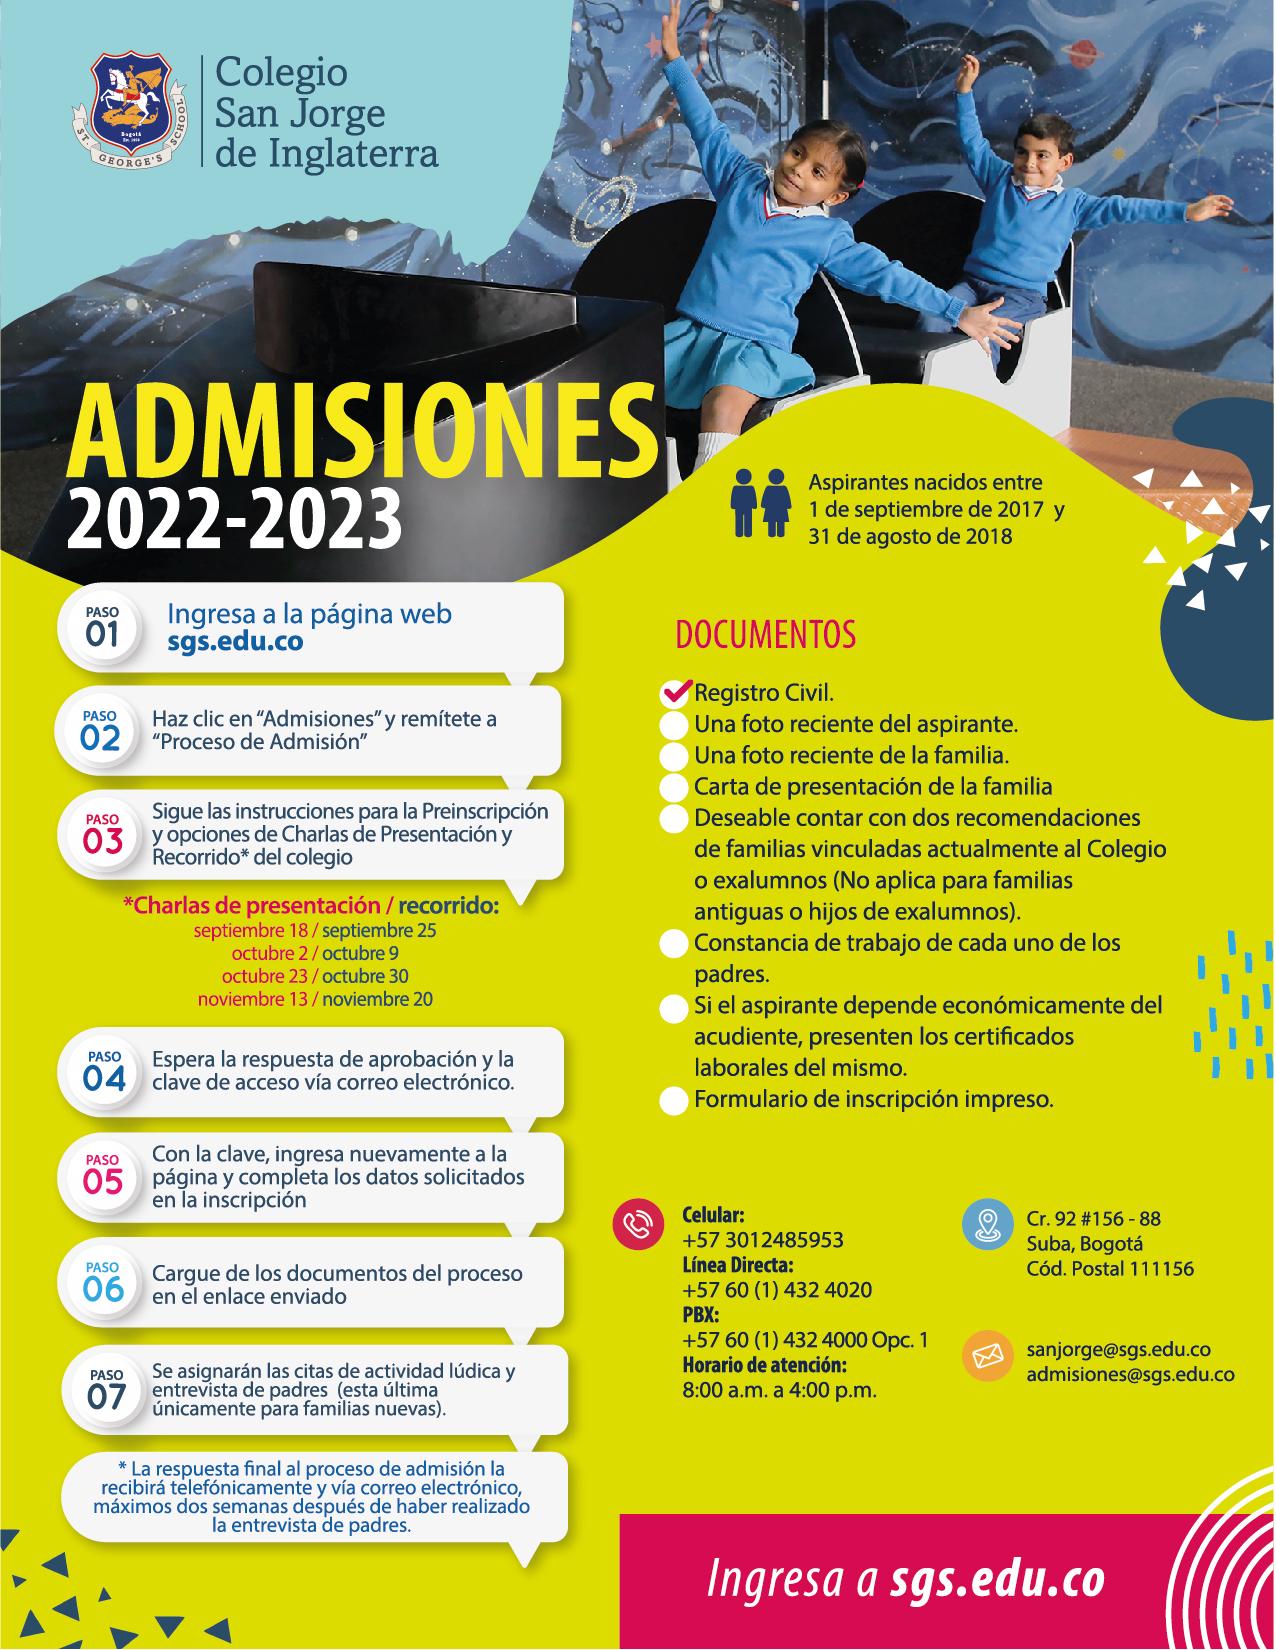 poster_admisiones_SGS_2022-2023